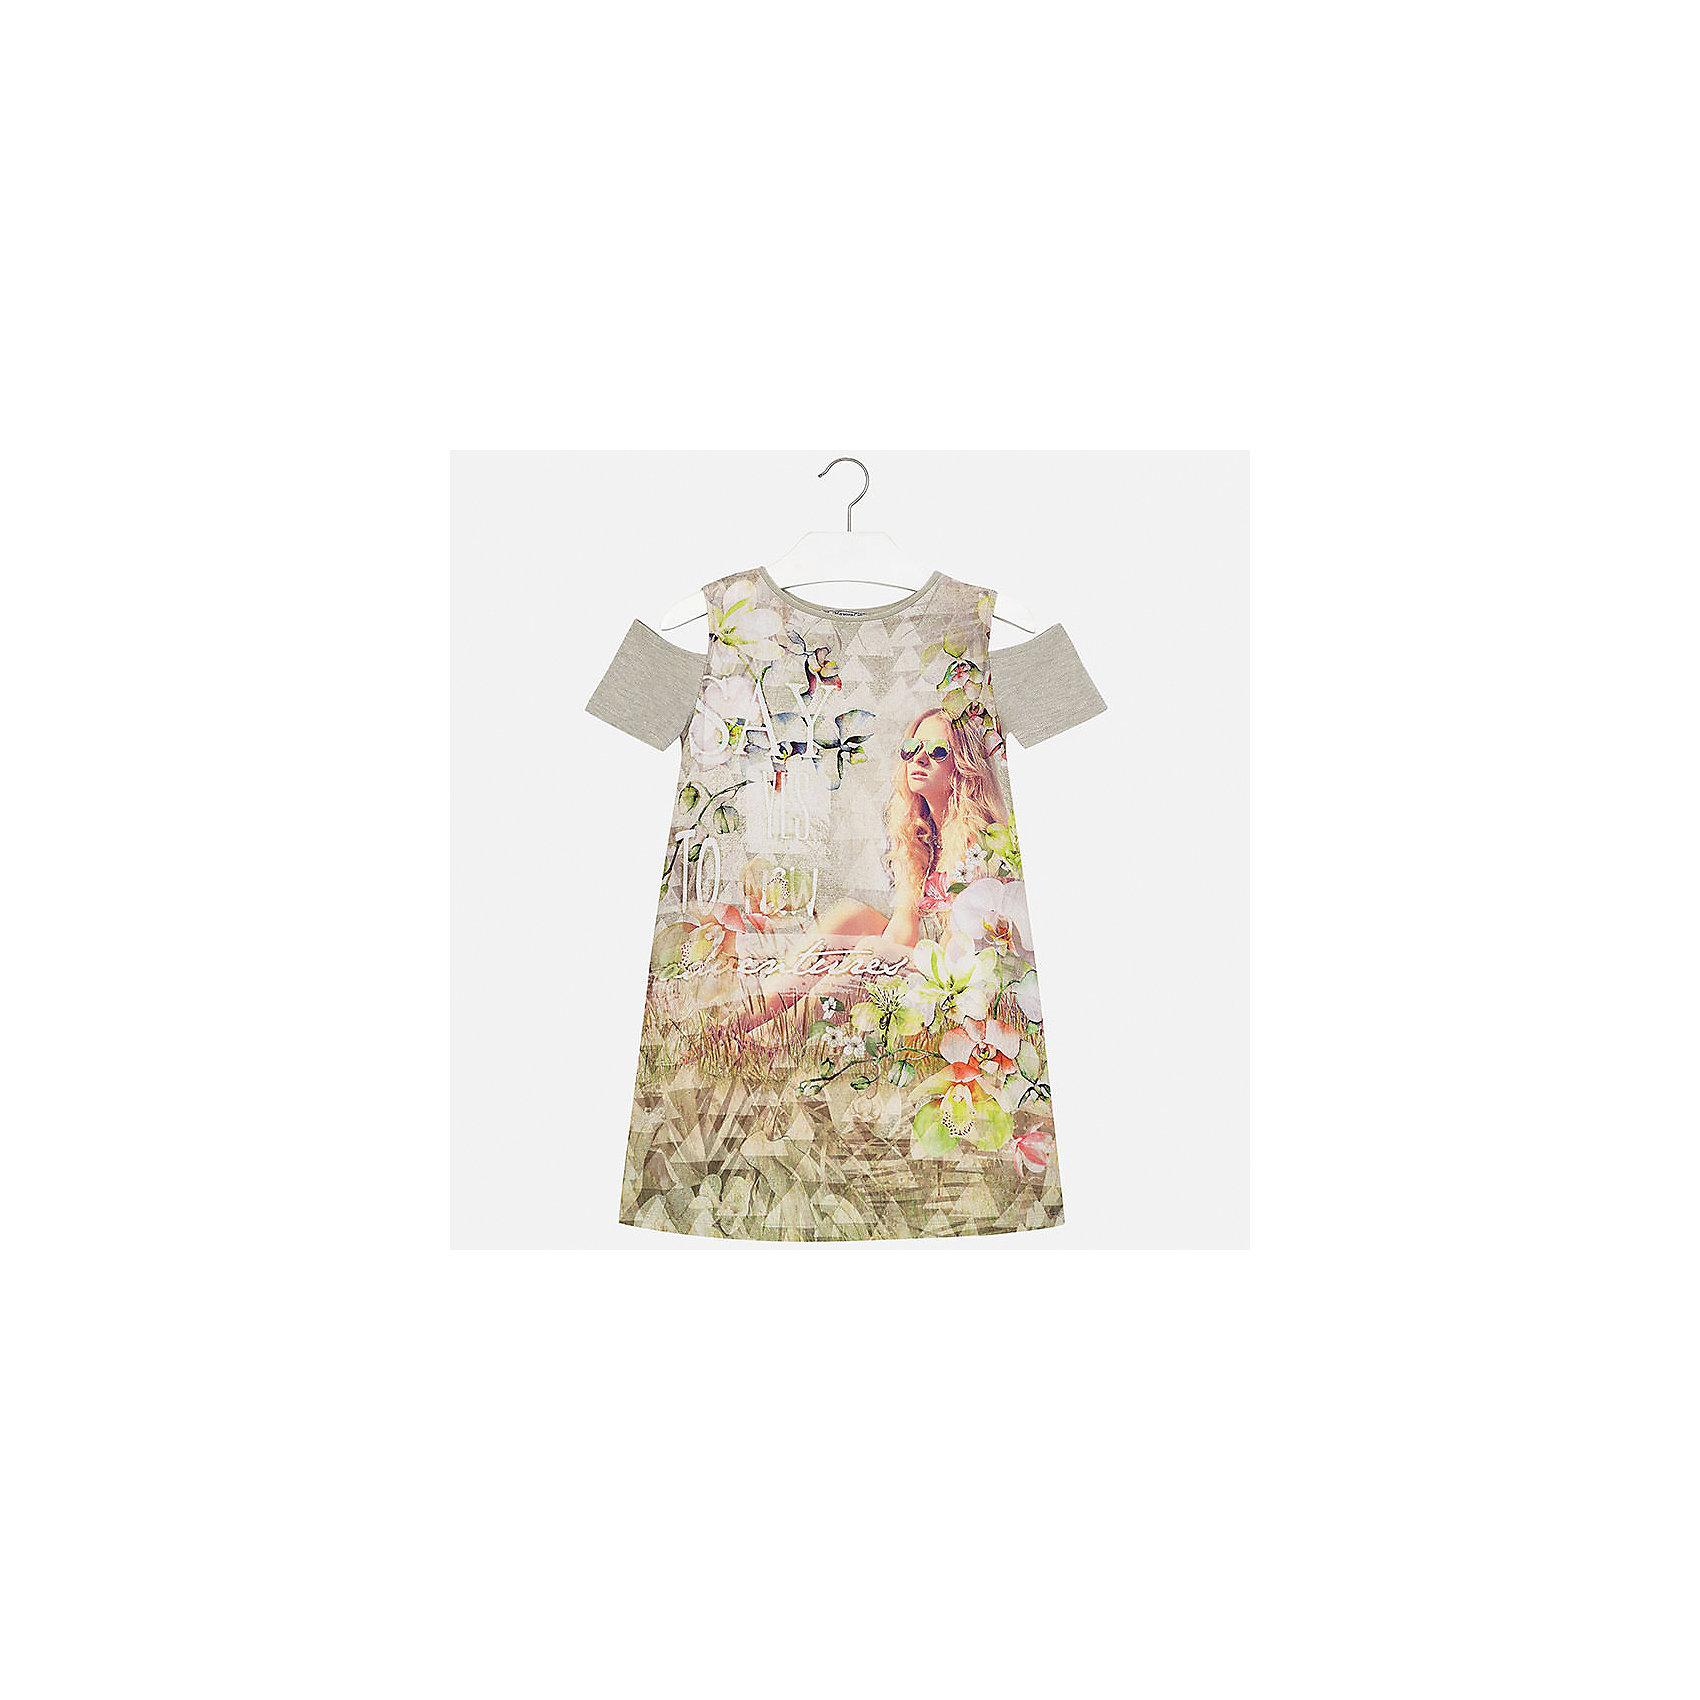 Платье для девочки MayoralПлатья и сарафаны<br>Характеристики товара:<br><br>• цвет: мультиколор<br>• состав: 44% вискоза, 40% полиэстер, 10% металлизированная нить, 6% хлопок<br>• без застежки<br>• открытые плечи<br>• короткие рукава<br>• декорировано принтом<br>• страна бренда: Испания<br><br>Модное платье для девочки поможет разнообразить гардероб ребенка и создать эффектный наряд. Оно подойдет для различных случаев. Красивый оттенок позволяет подобрать к вещи обувь разных расцветок. Платье хорошо сидит по фигуре. <br><br>Одежда, обувь и аксессуары от испанского бренда Mayoral полюбились детям и взрослым по всему миру. Модели этой марки - стильные и удобные. Для их производства используются только безопасные, качественные материалы и фурнитура. Порадуйте ребенка модными и красивыми вещами от Mayoral! <br><br>Платье для девочки от испанского бренда Mayoral (Майорал) можно купить в нашем интернет-магазине.<br><br>Ширина мм: 236<br>Глубина мм: 16<br>Высота мм: 184<br>Вес г: 177<br>Цвет: зеленый<br>Возраст от месяцев: 84<br>Возраст до месяцев: 96<br>Пол: Женский<br>Возраст: Детский<br>Размер: 128/134,170,164,158,152,140<br>SKU: 5300945